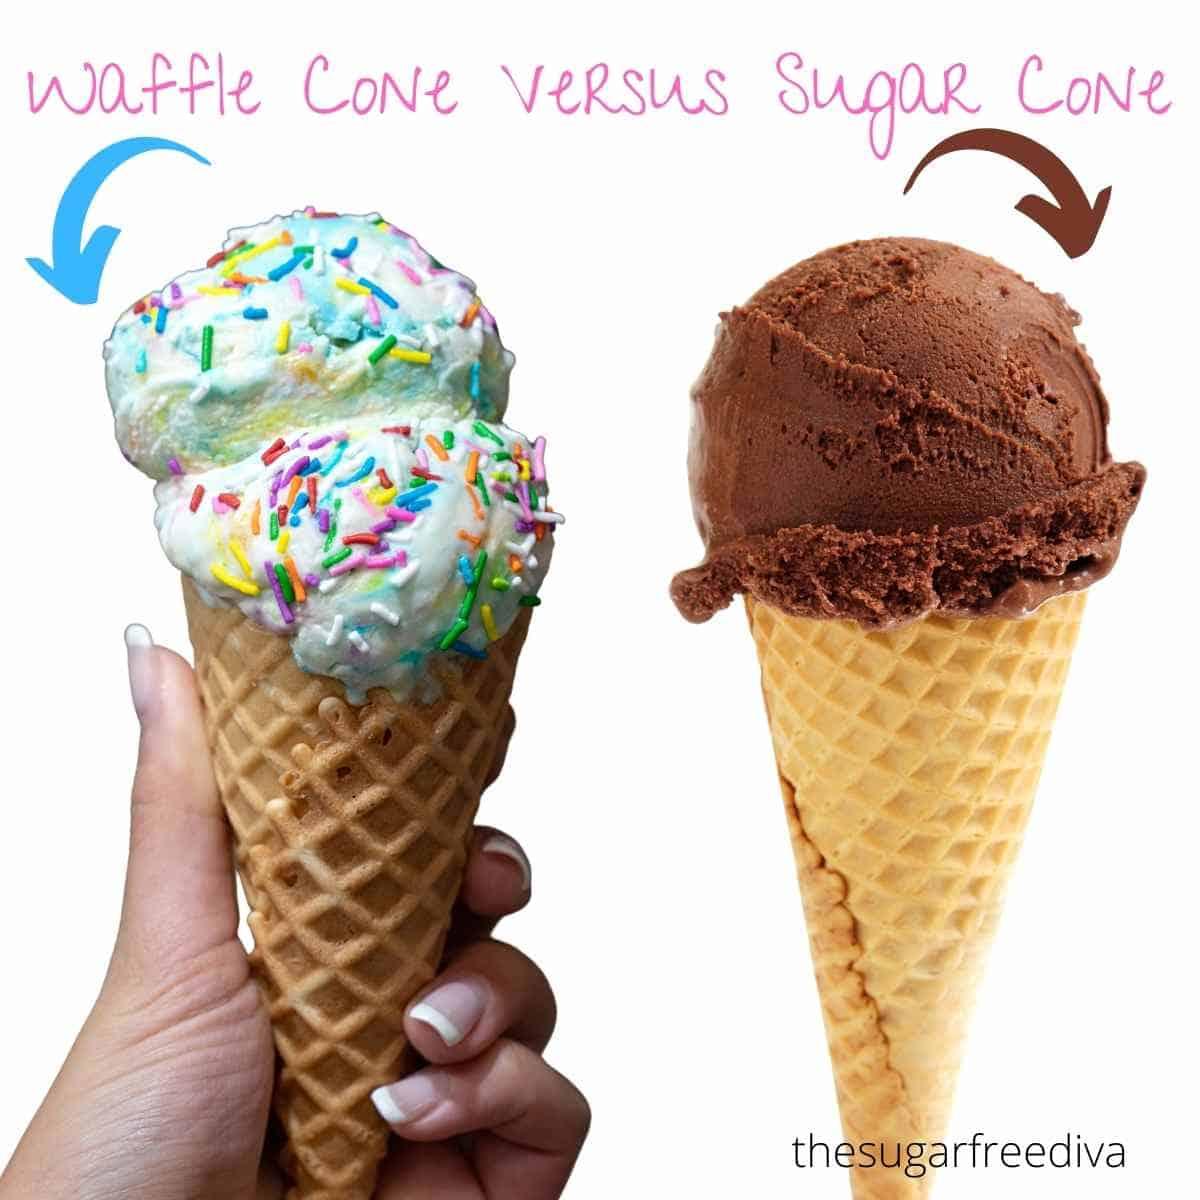 Waffle Cone Versus Sugar Cone